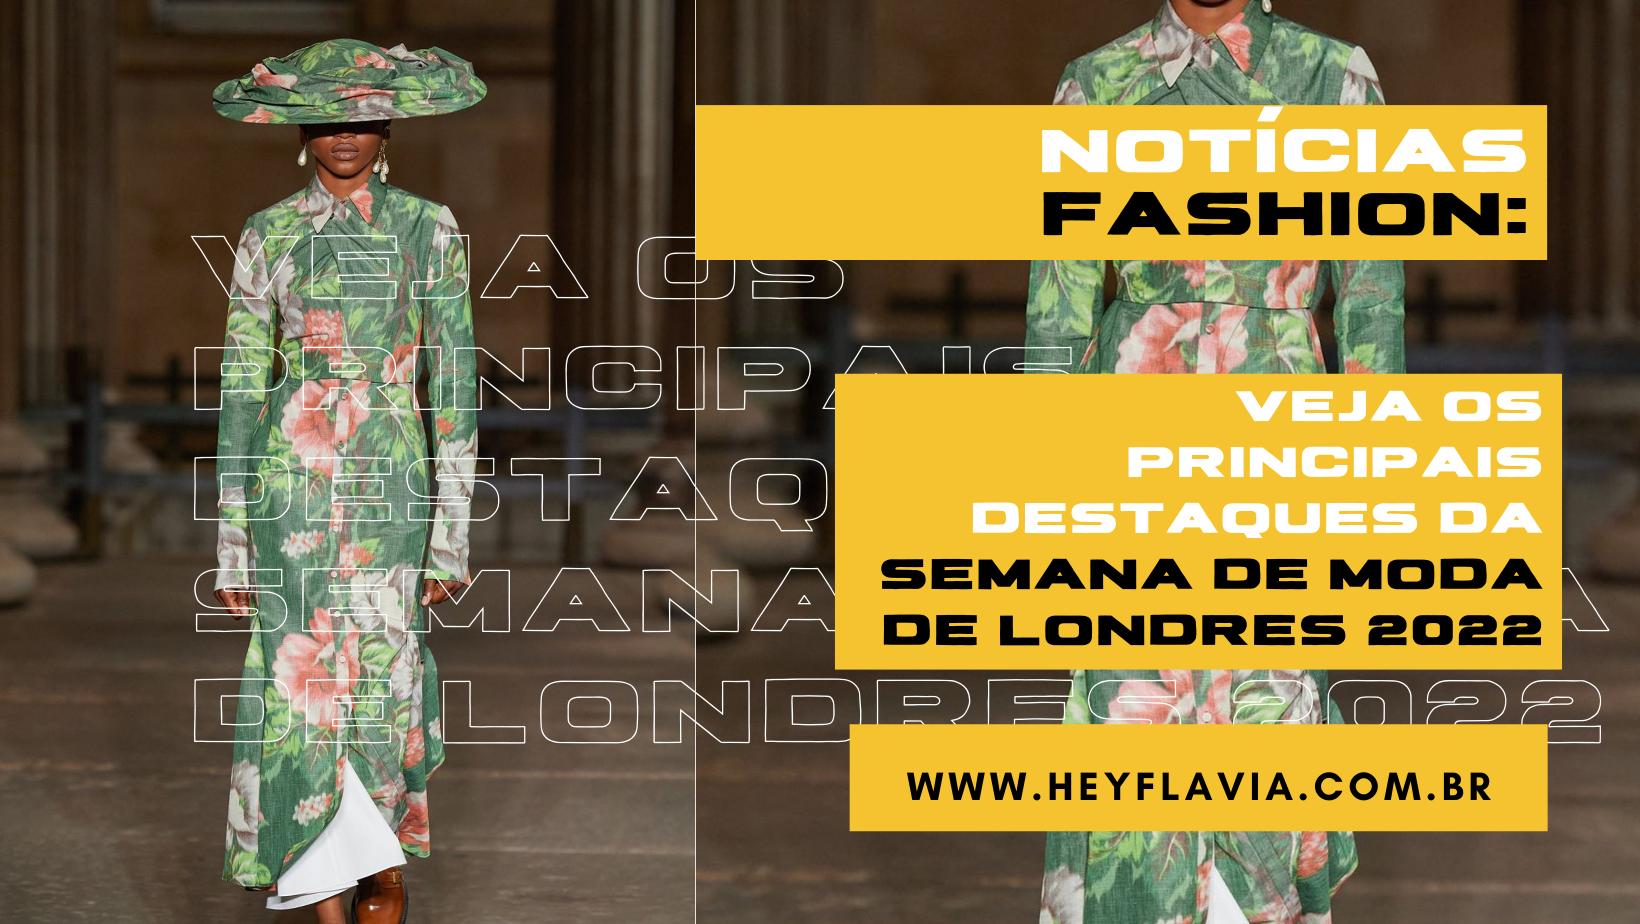 Semana de moda de Londres 2022